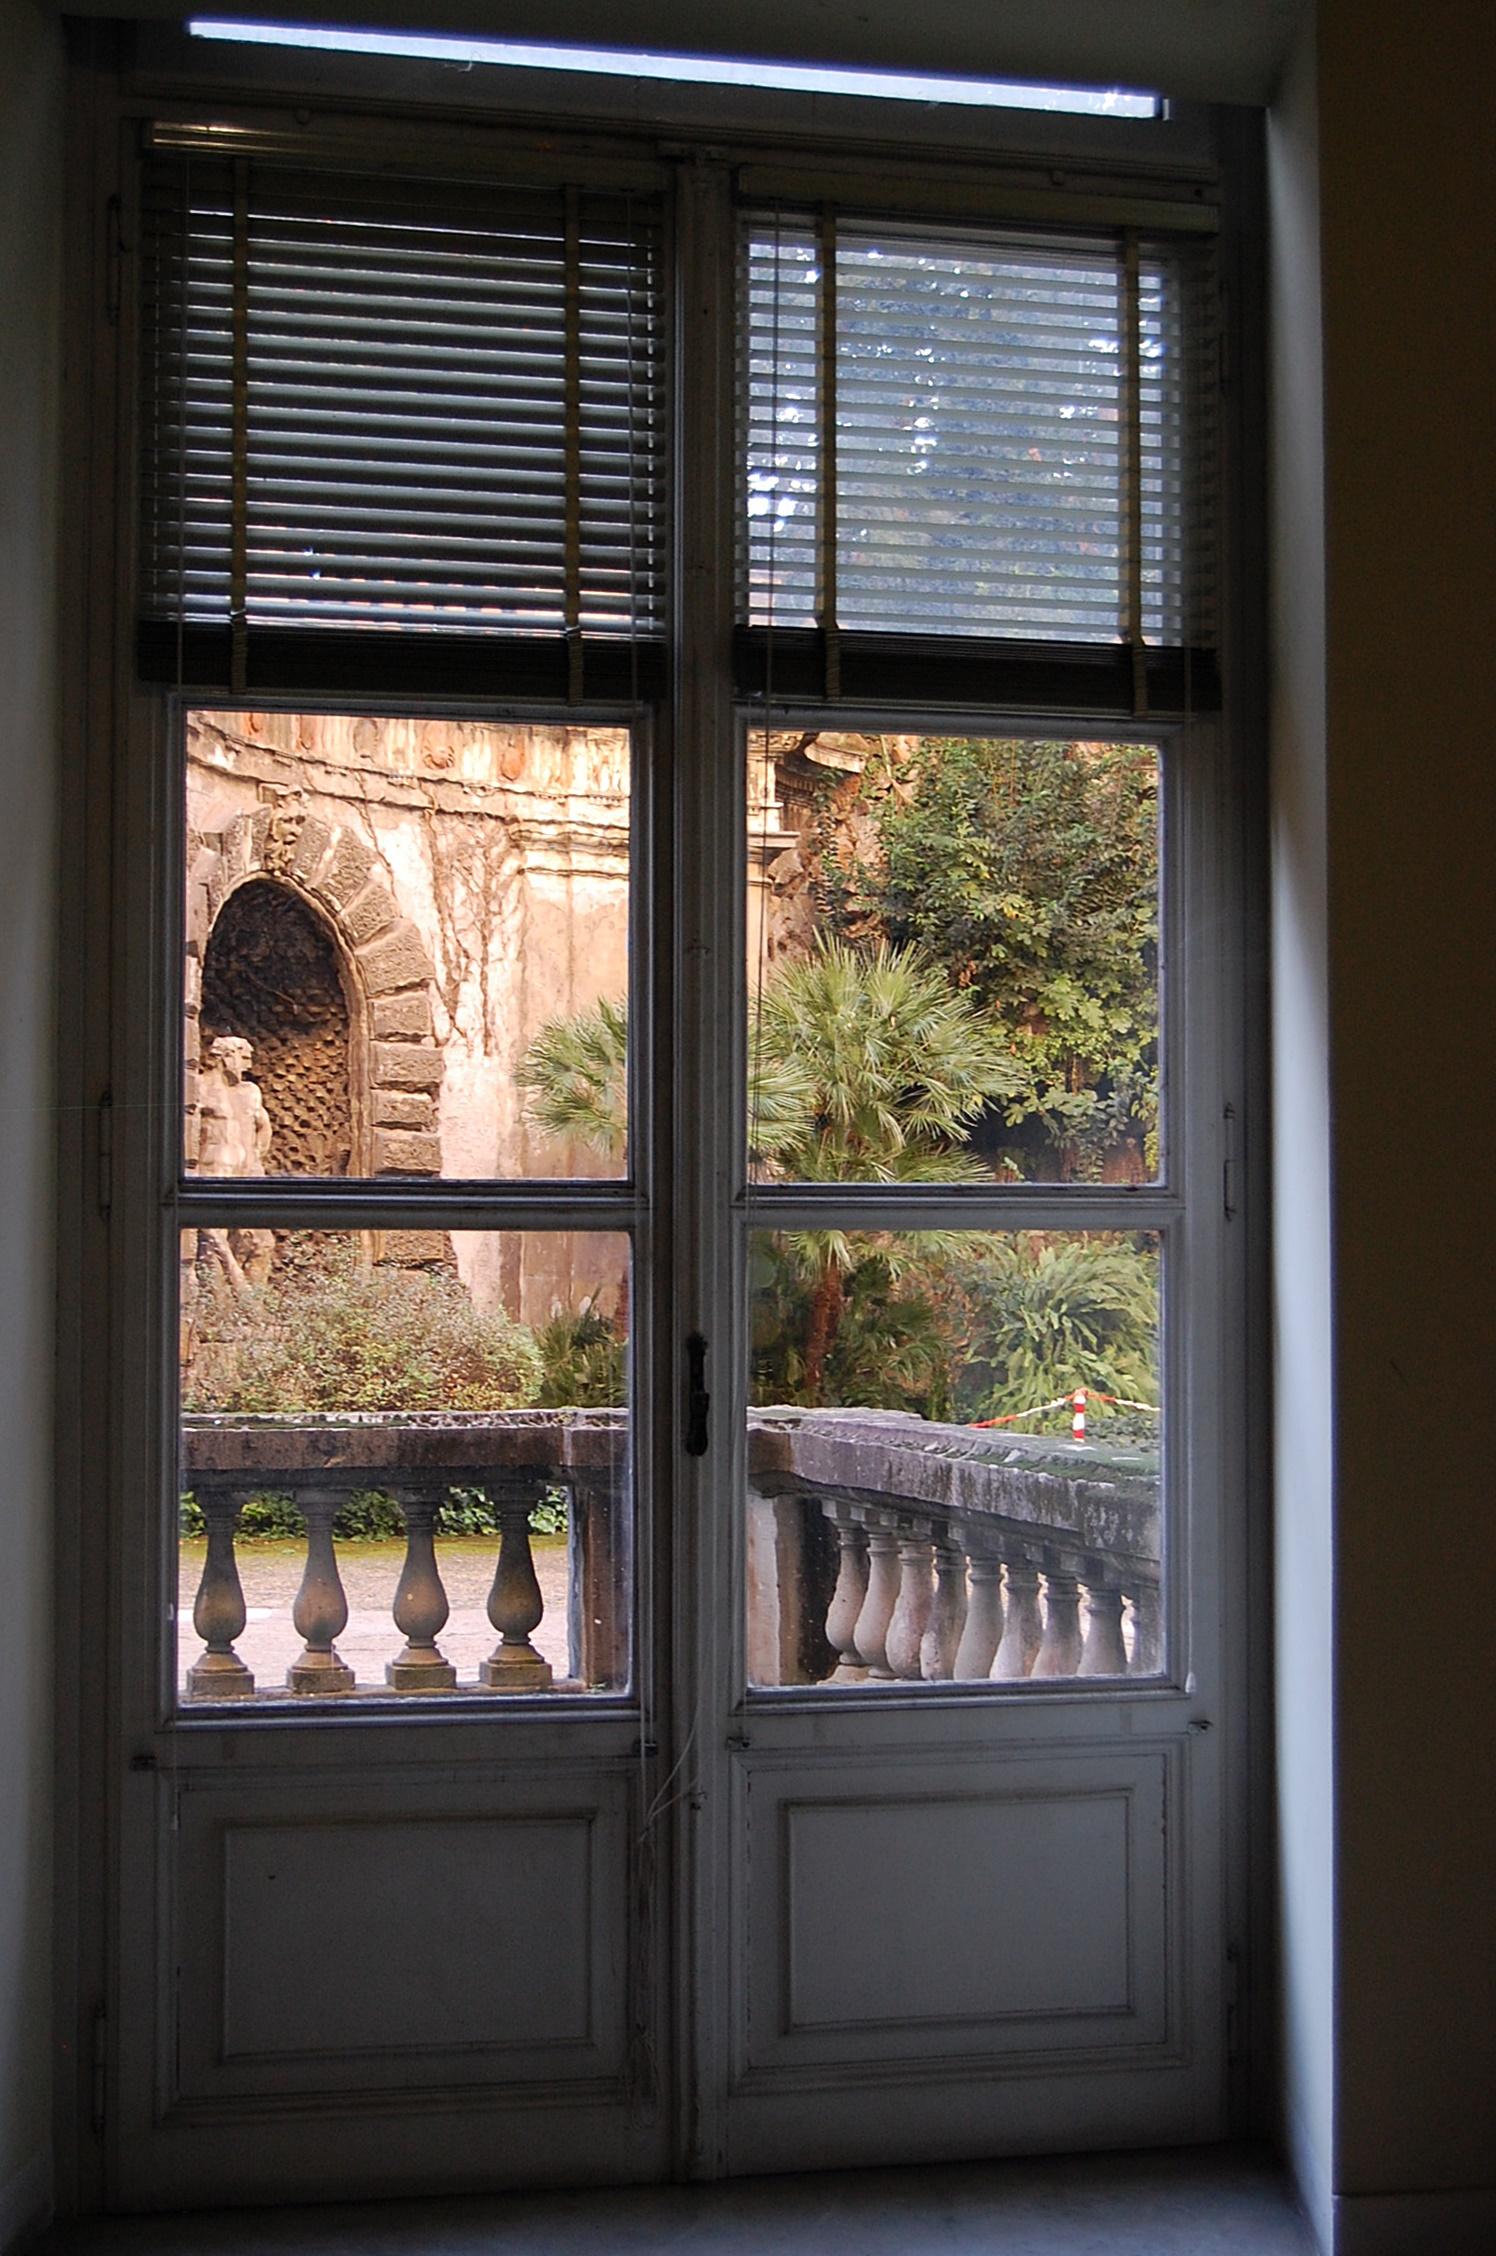 rocaille-blog-palazzo-brancaccio-museo-arte-orientale-66